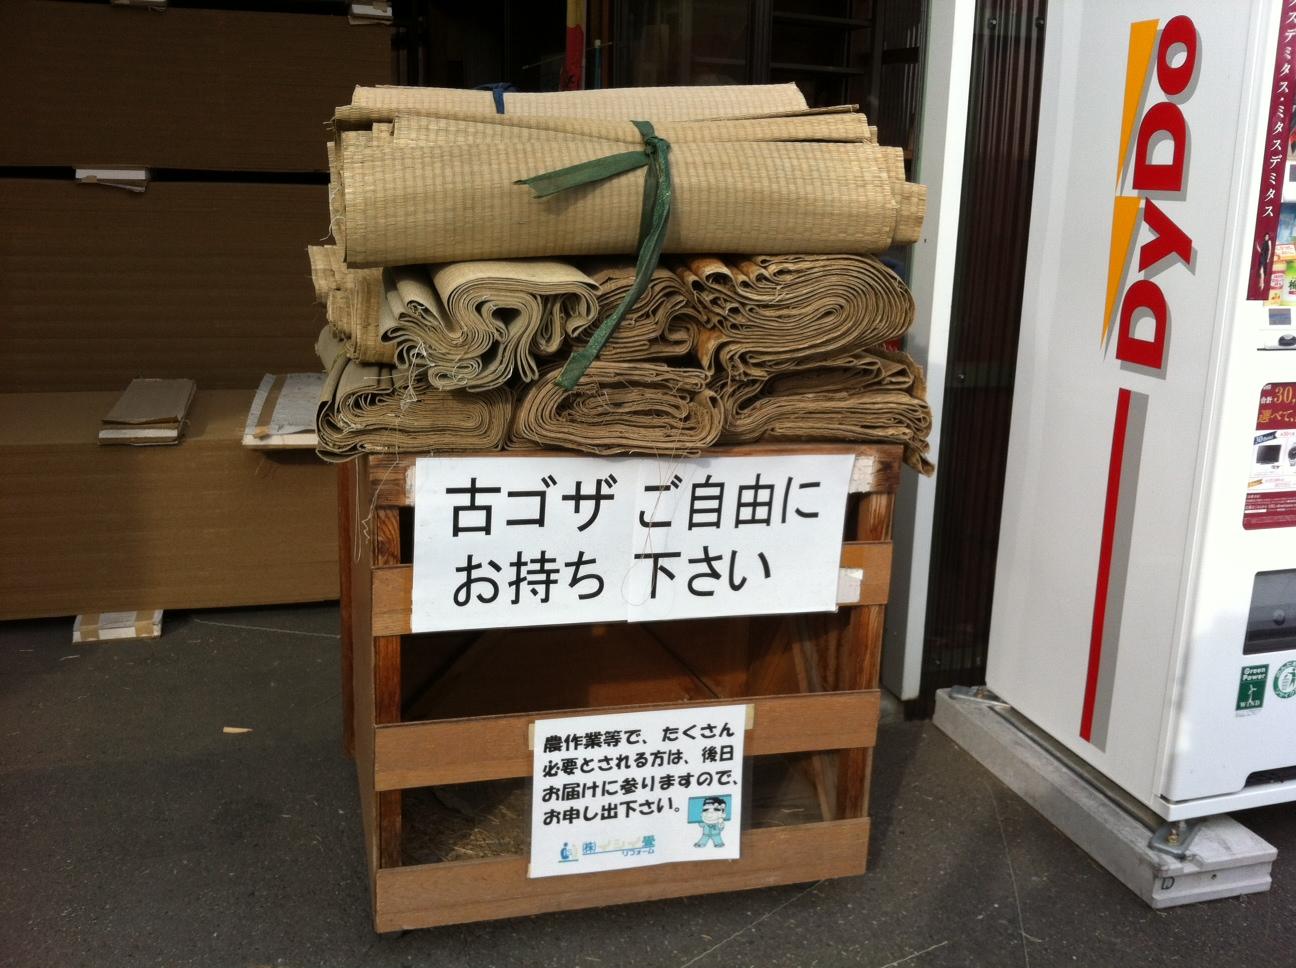 20120410ゴザ店頭配布